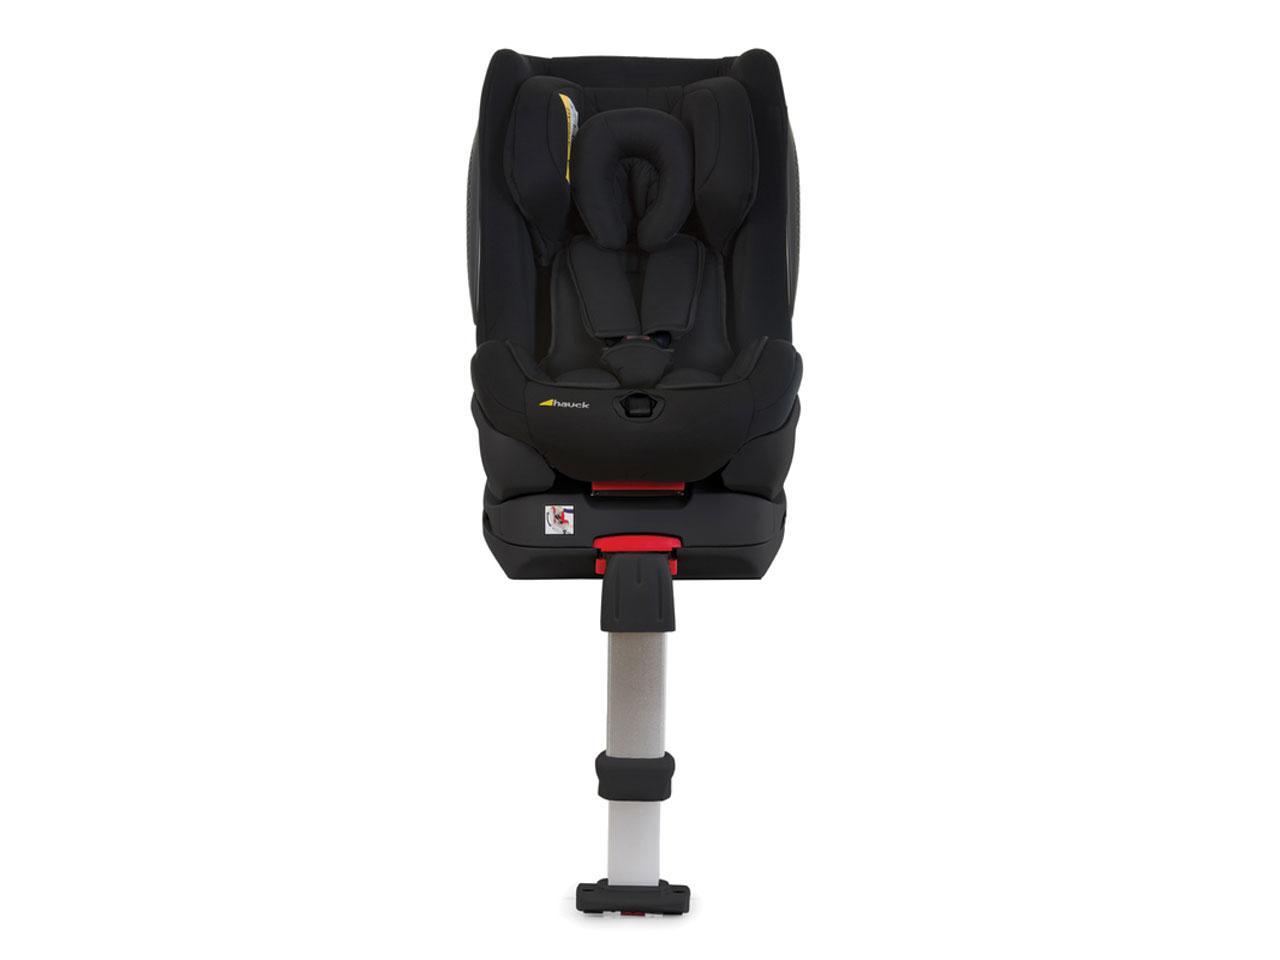 Autosedačka HAUCK Varioguard Isofix Plus Edition 2018, black